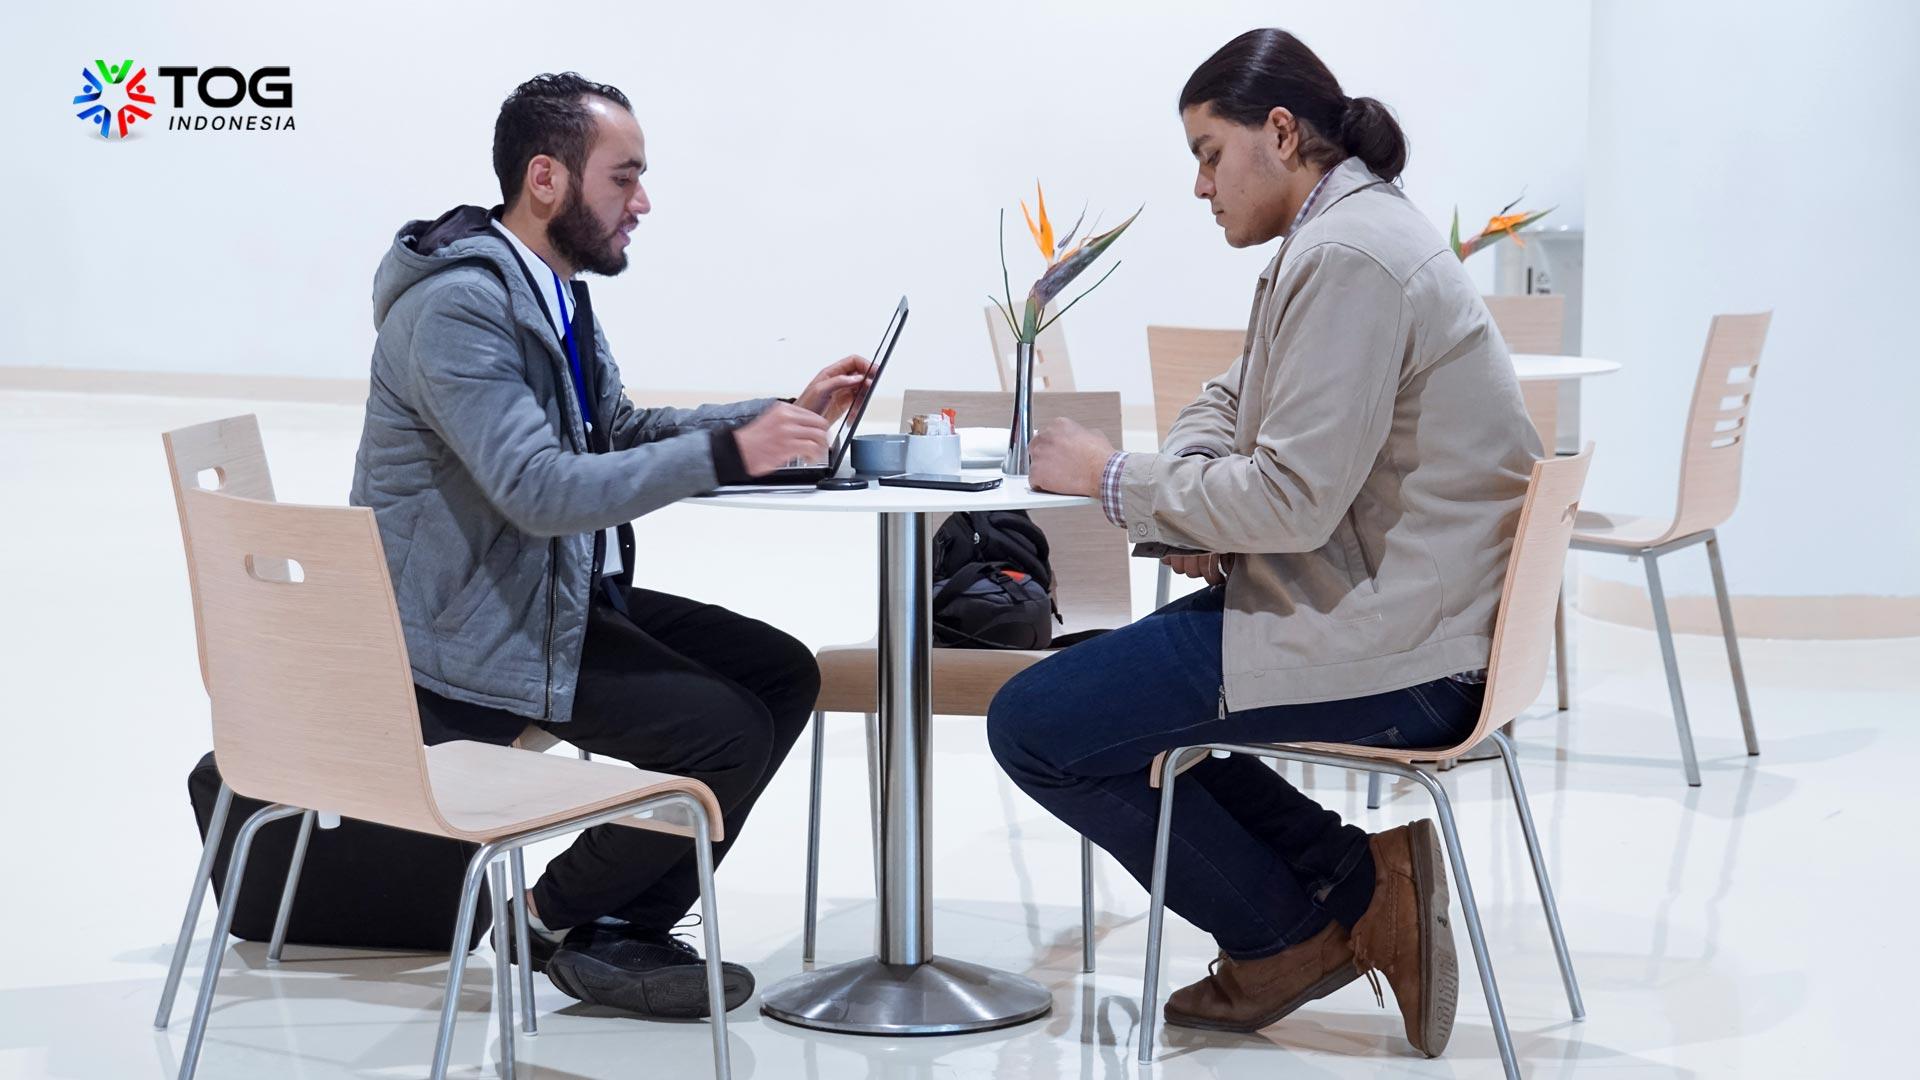 Bocoran Pertanyaan yang Sering Diajukan Saat Interview UX Researcher